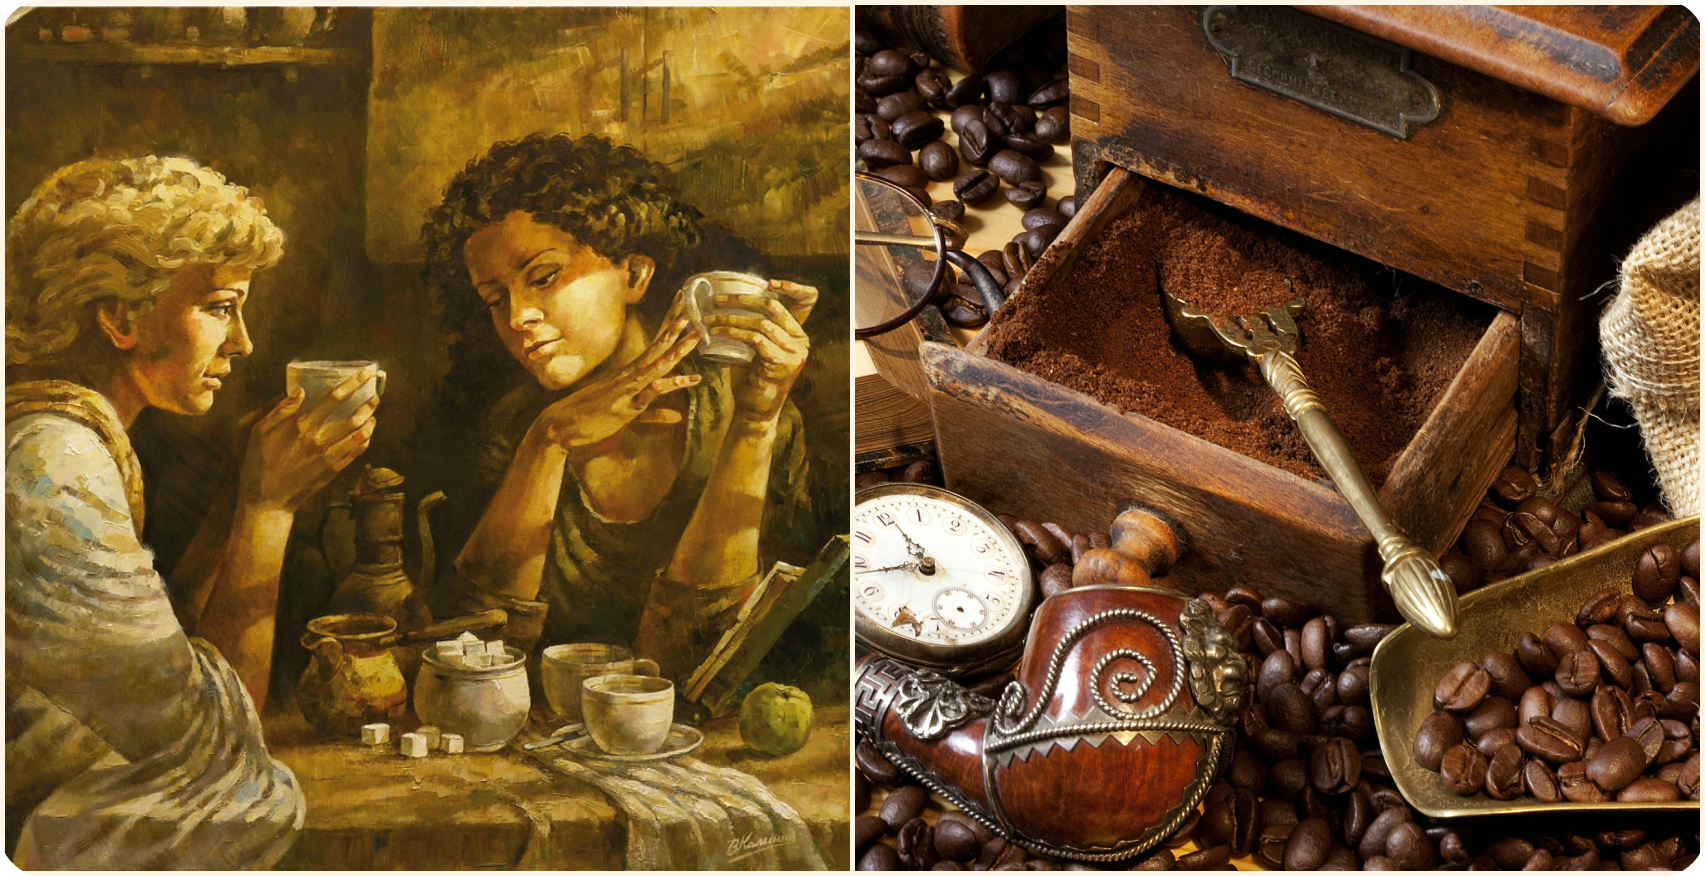 История кофе: появление и распространение кофе по миру